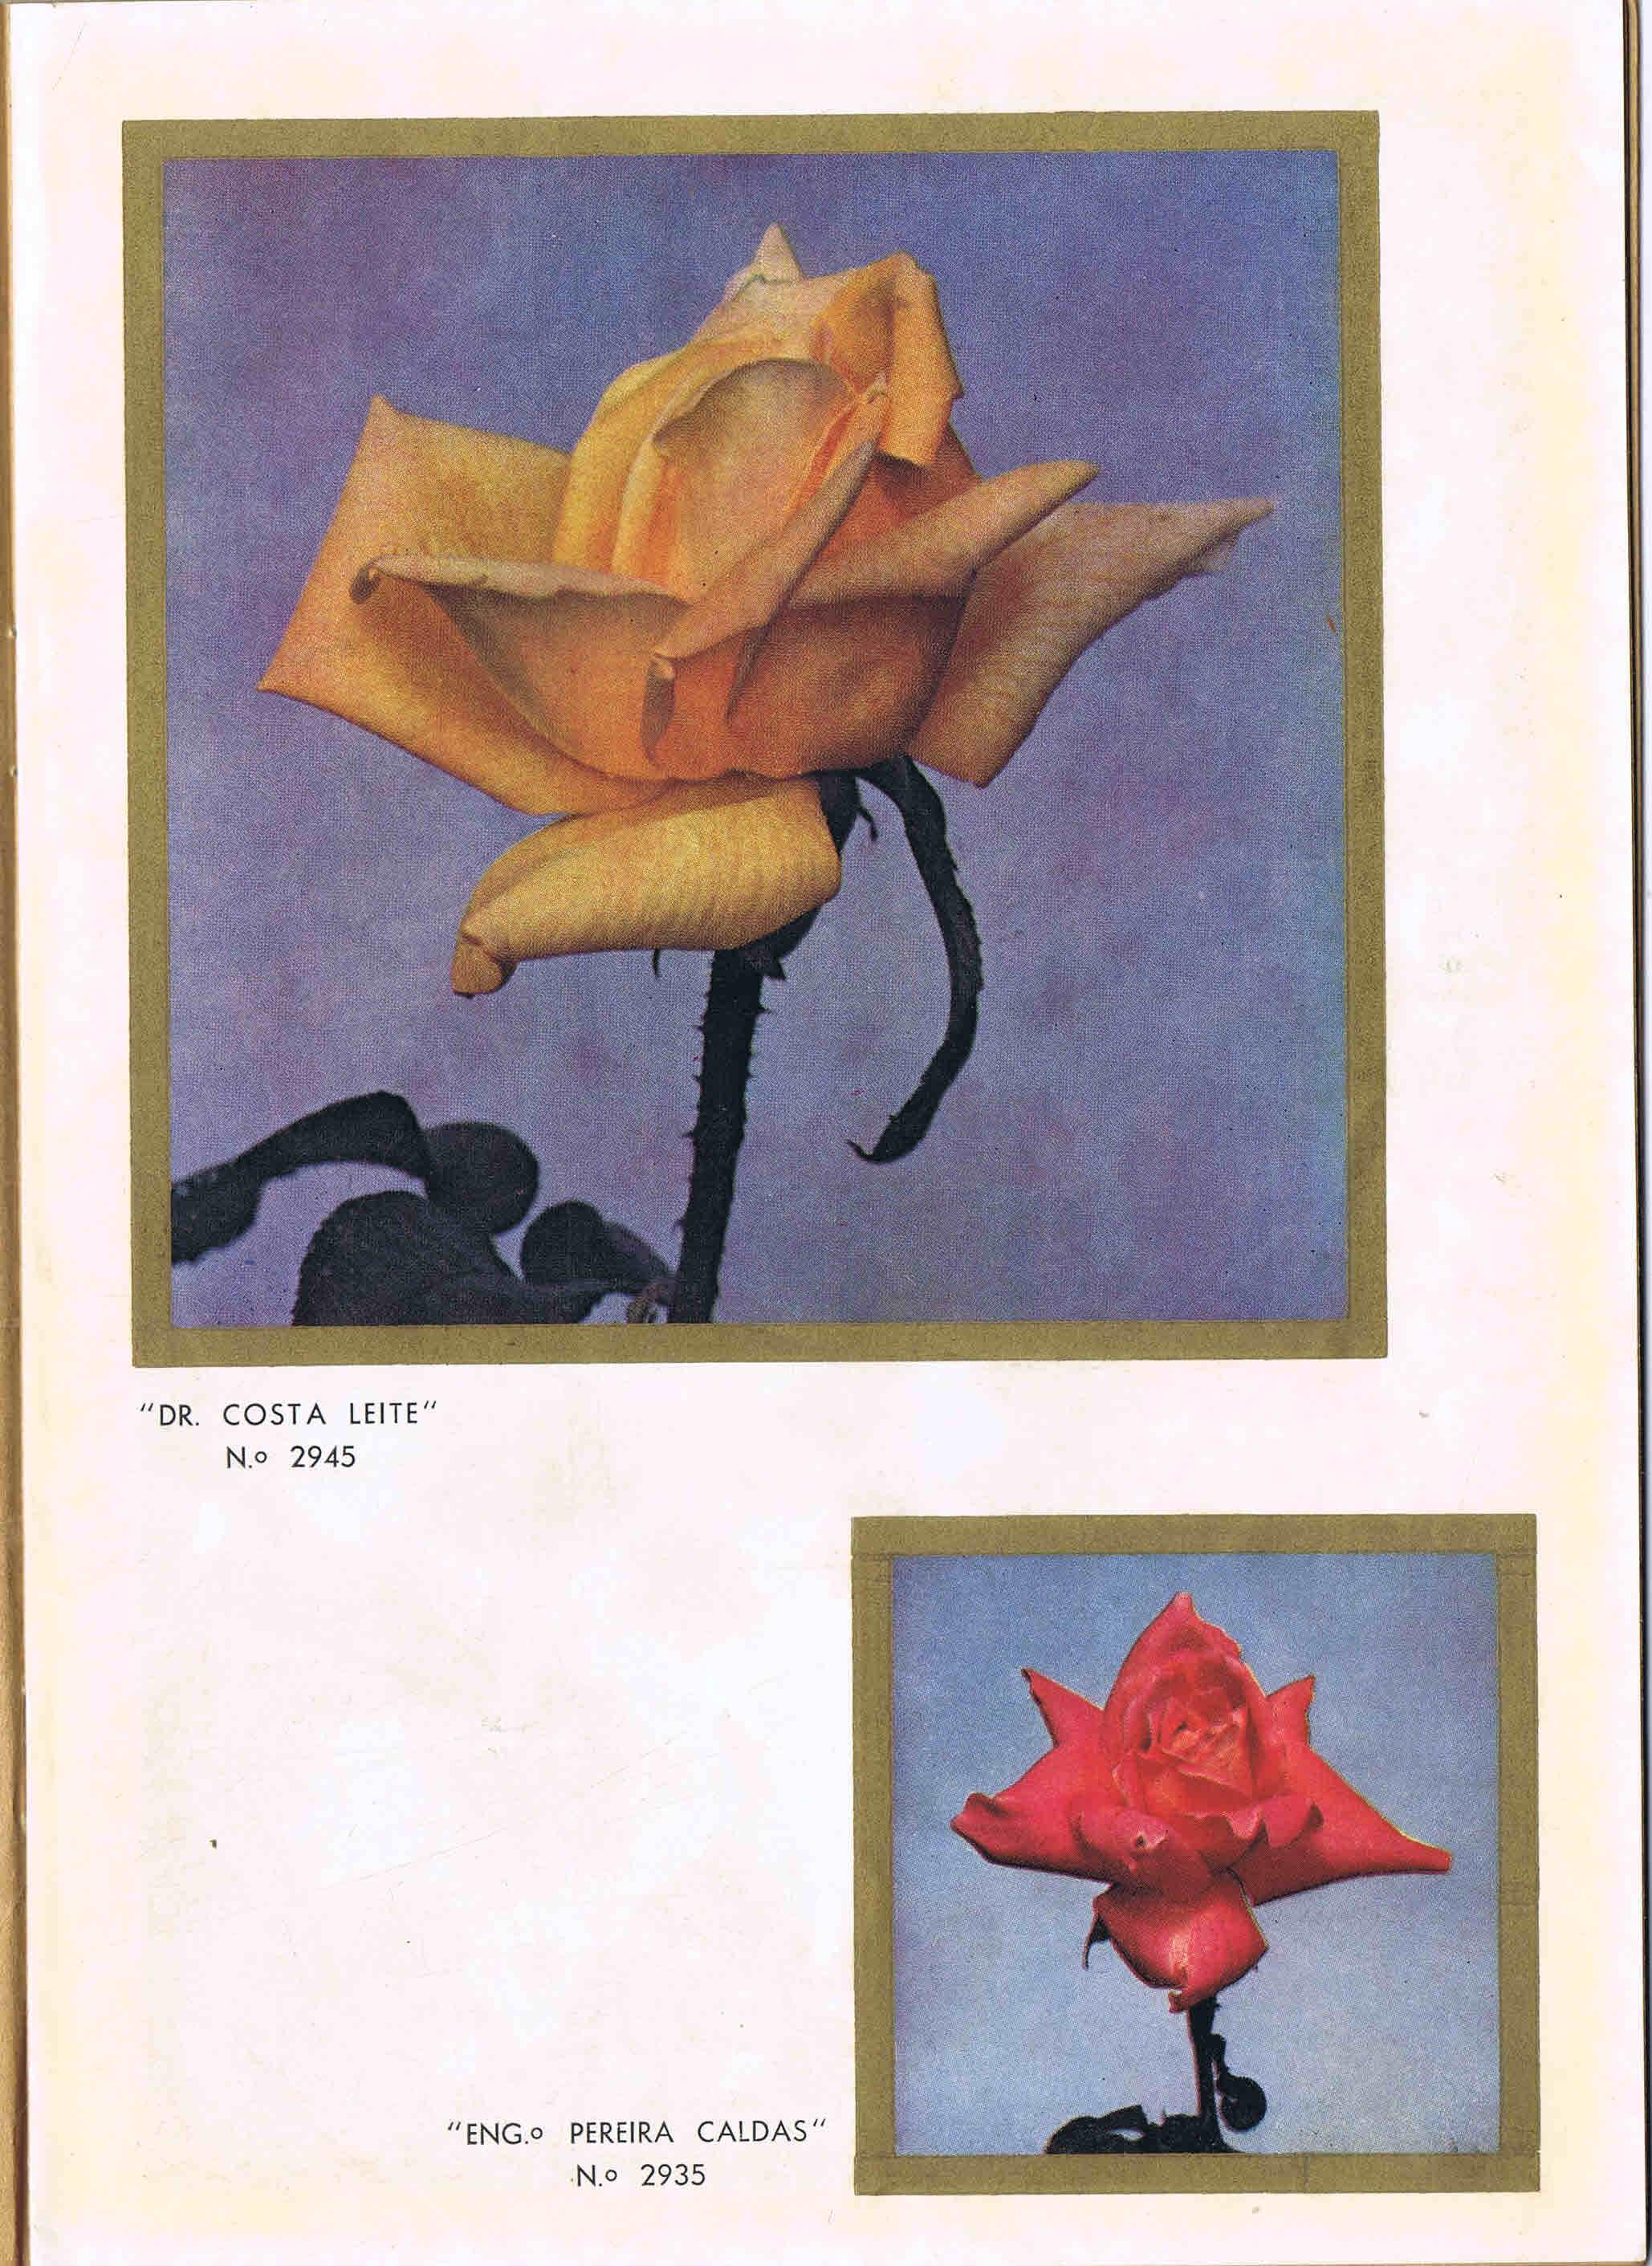 CATALOGO HORTICOLA MOREIRA DA SILVA & Fos Lda nº 90 1955-1956 4